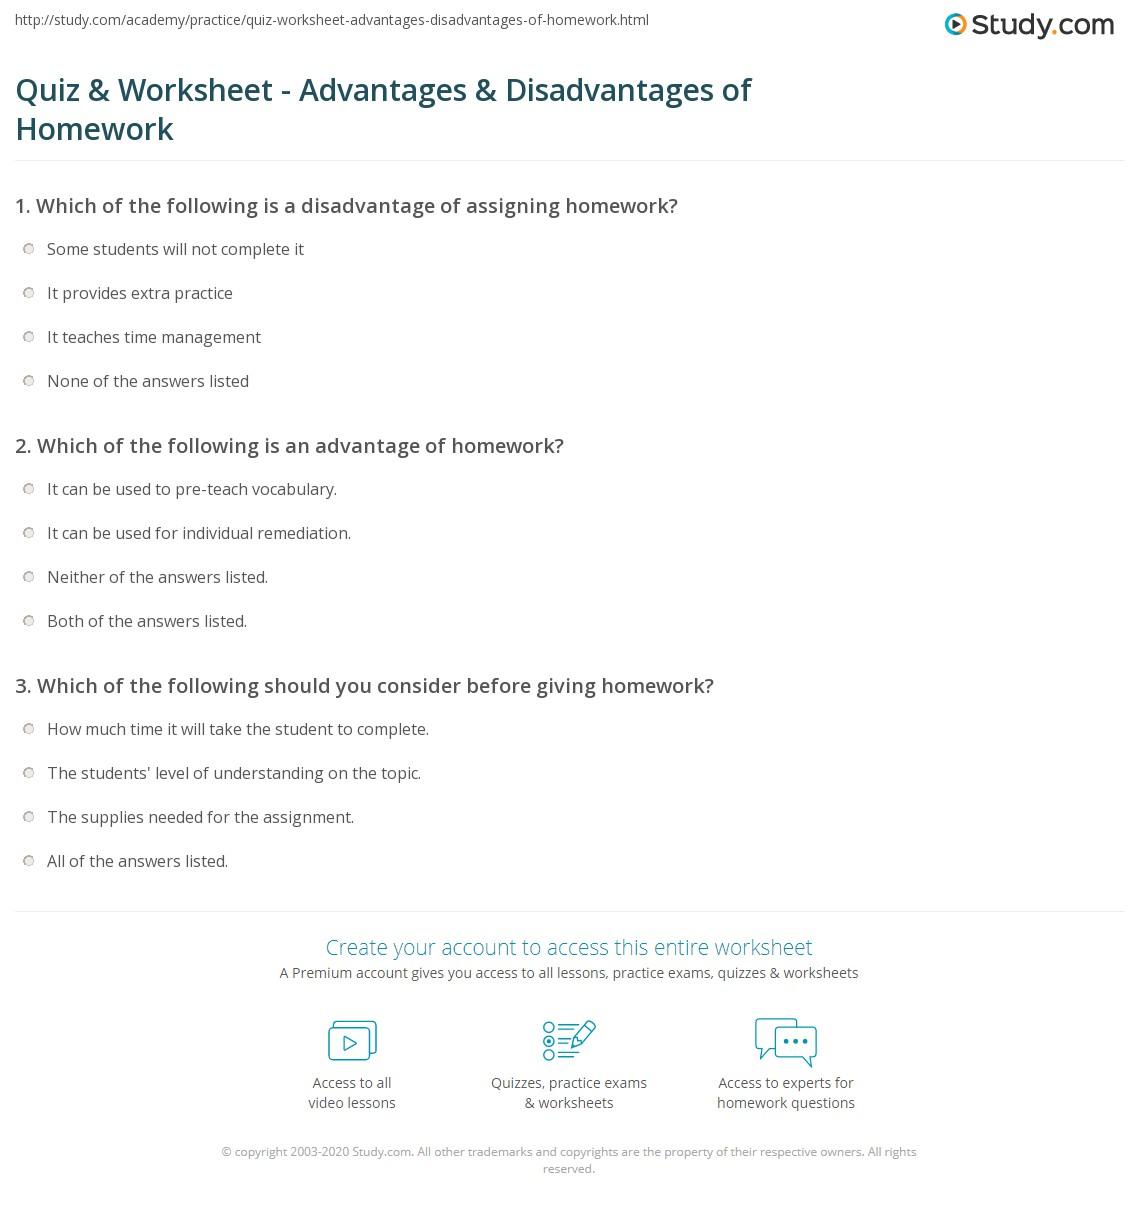 Quiz & Worksheet - Advantages & Disadvantages of Homework | Study.com